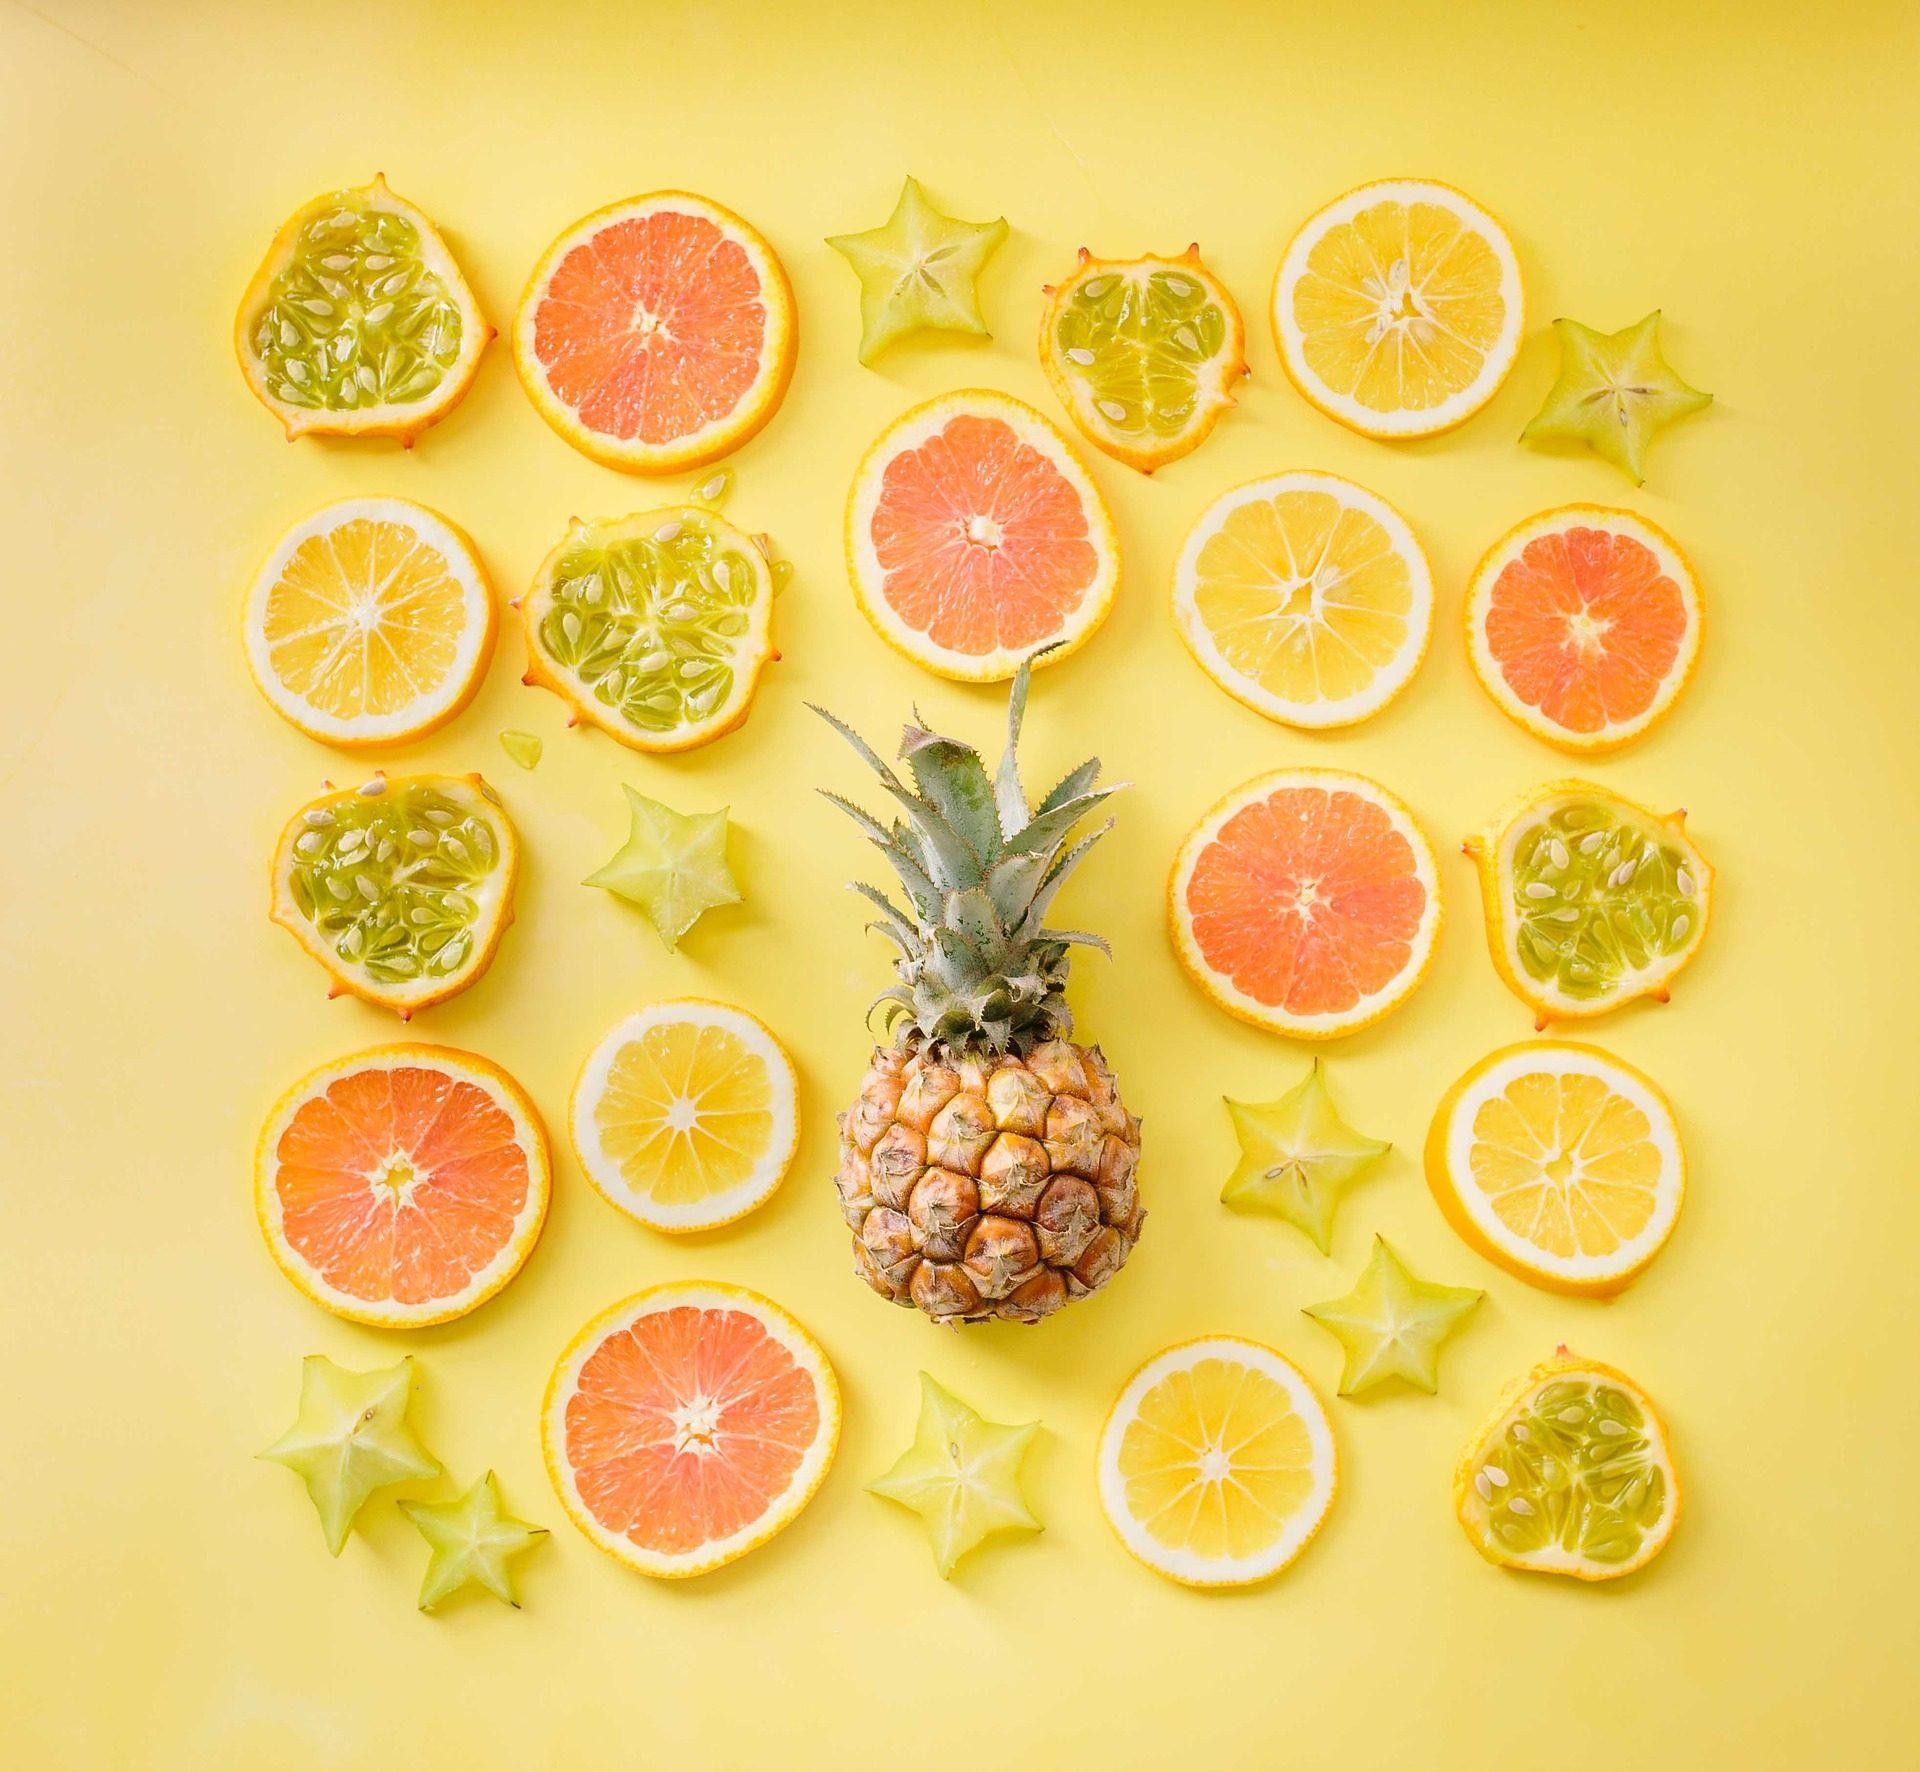 φρούτα, Μωσαϊκό, Ανανάς, γκρέιπ φρουτ, τα λεμόνια - Wallpapers HD - Professor-falken.com